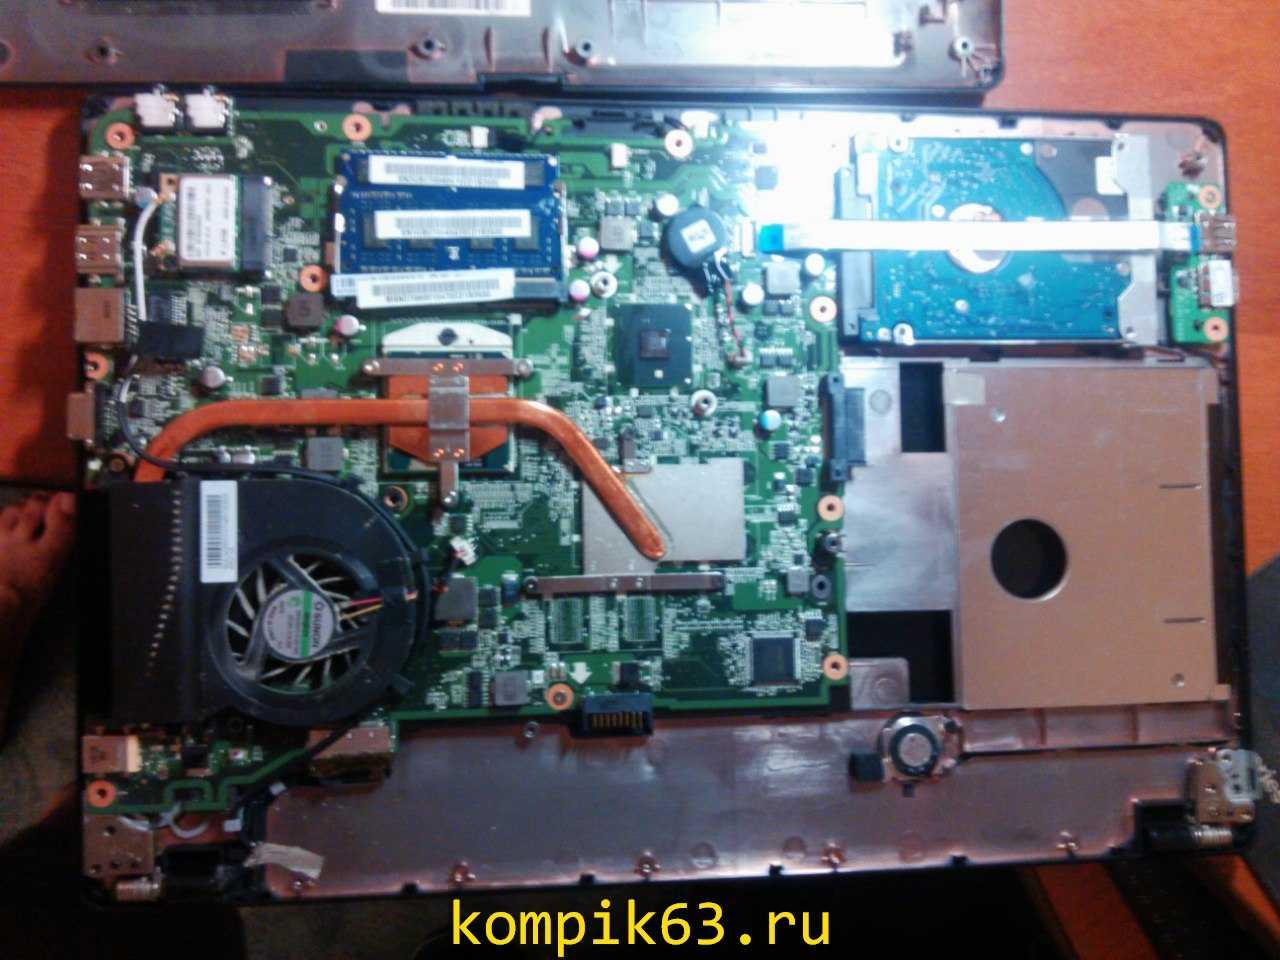 kompik63.ru-180